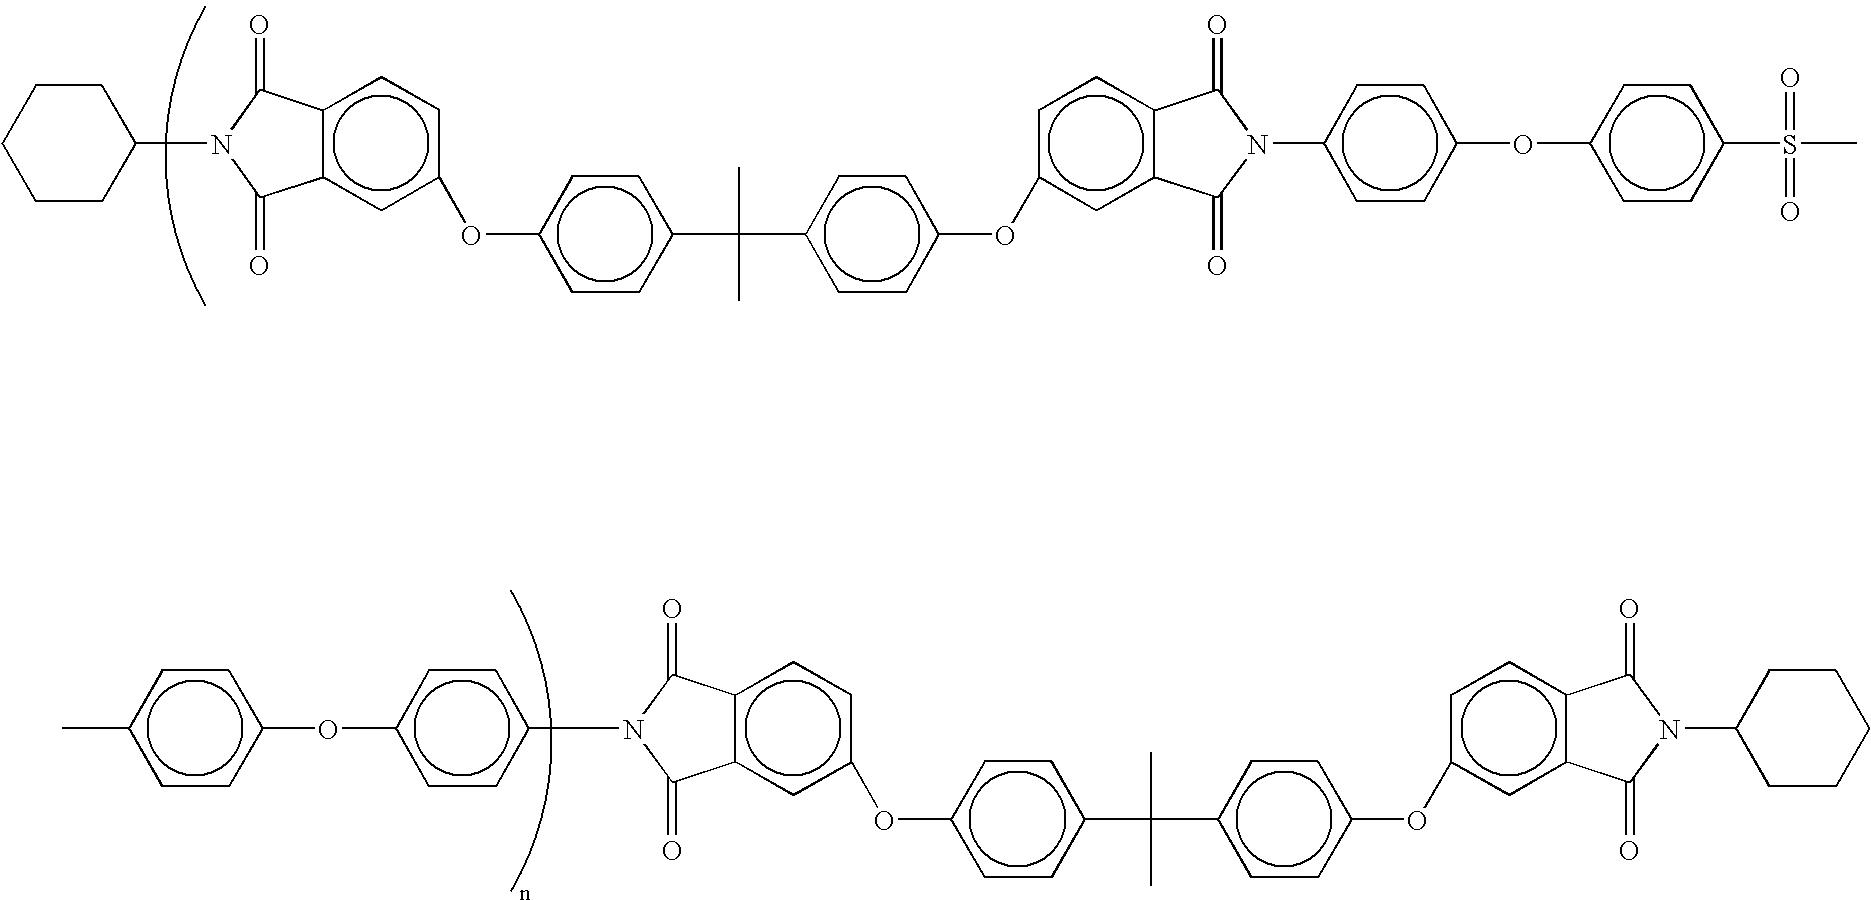 Figure US20090038750A1-20090212-C00025